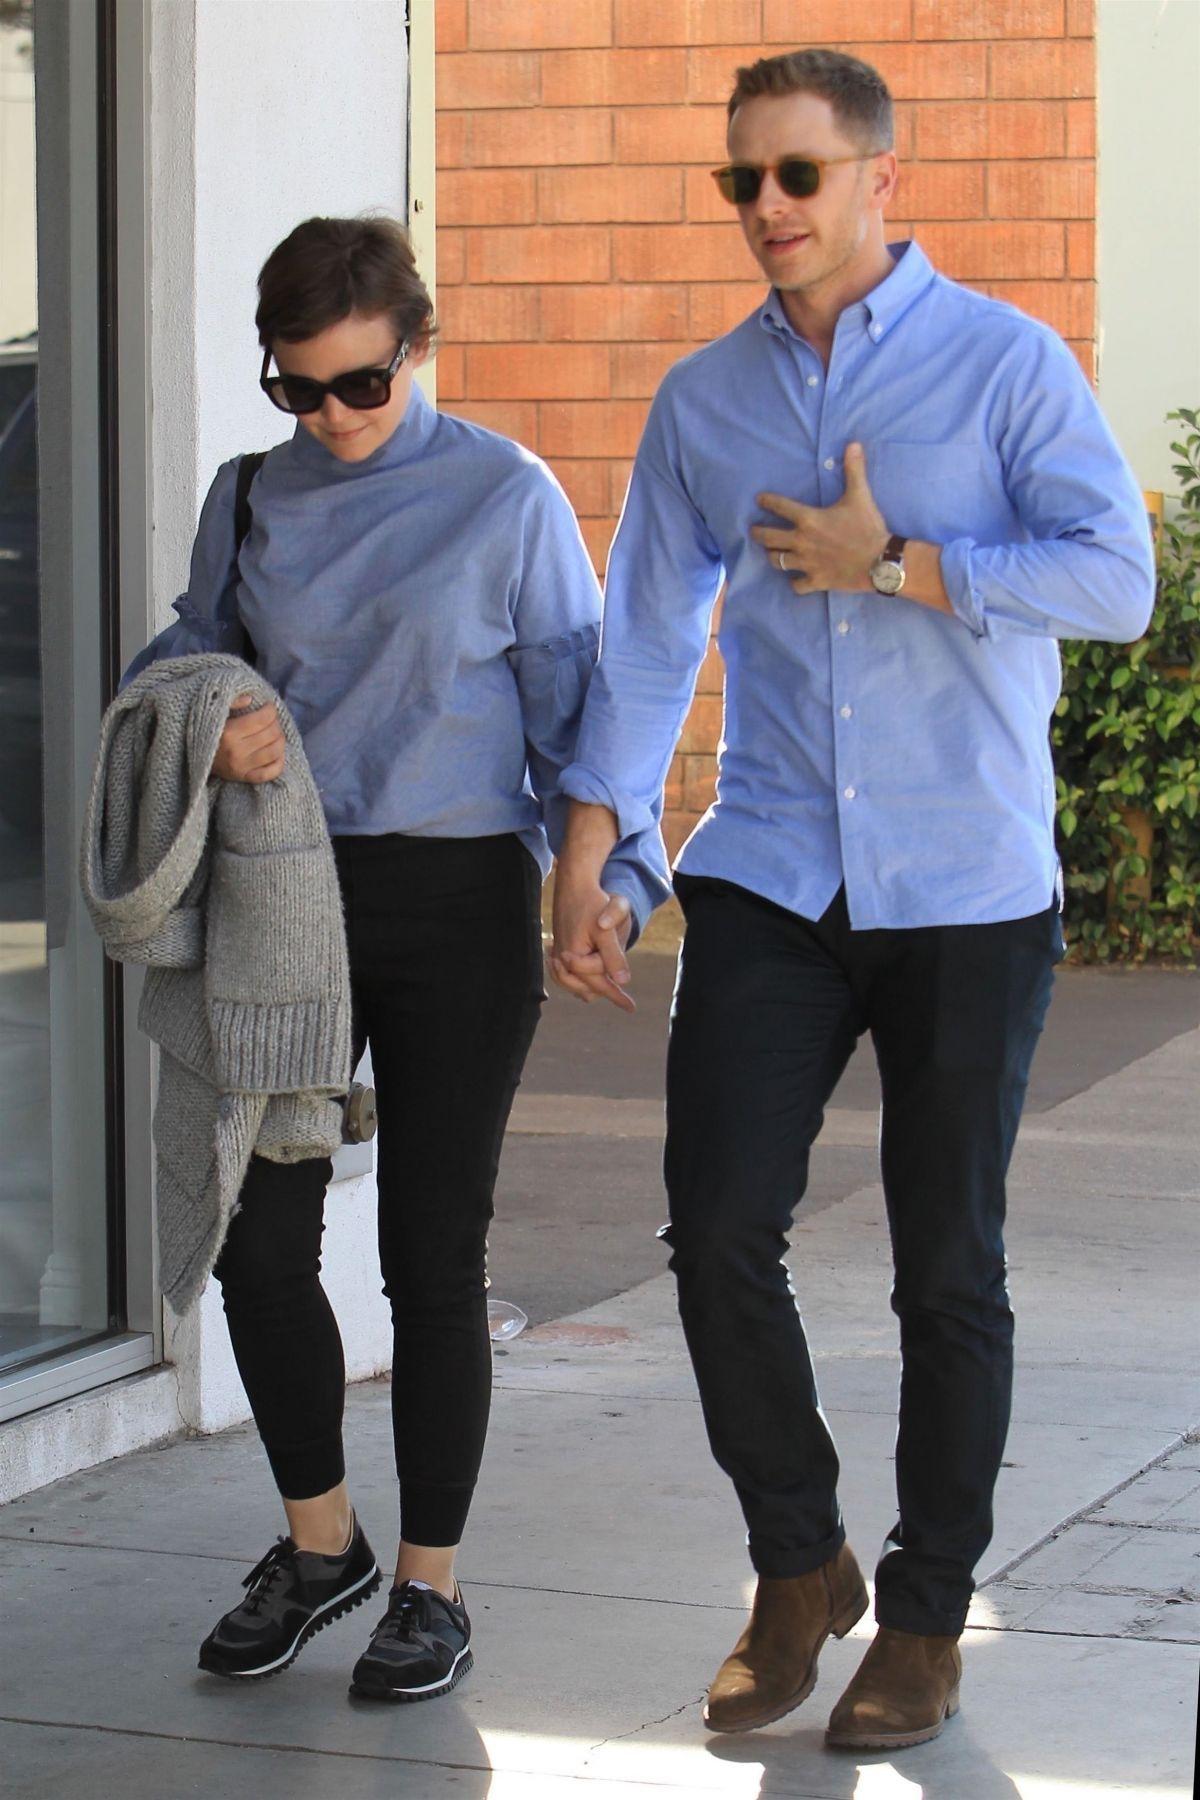 Ginnifer Goodwin and Josh Dallas in LA February 10th 2018 ...